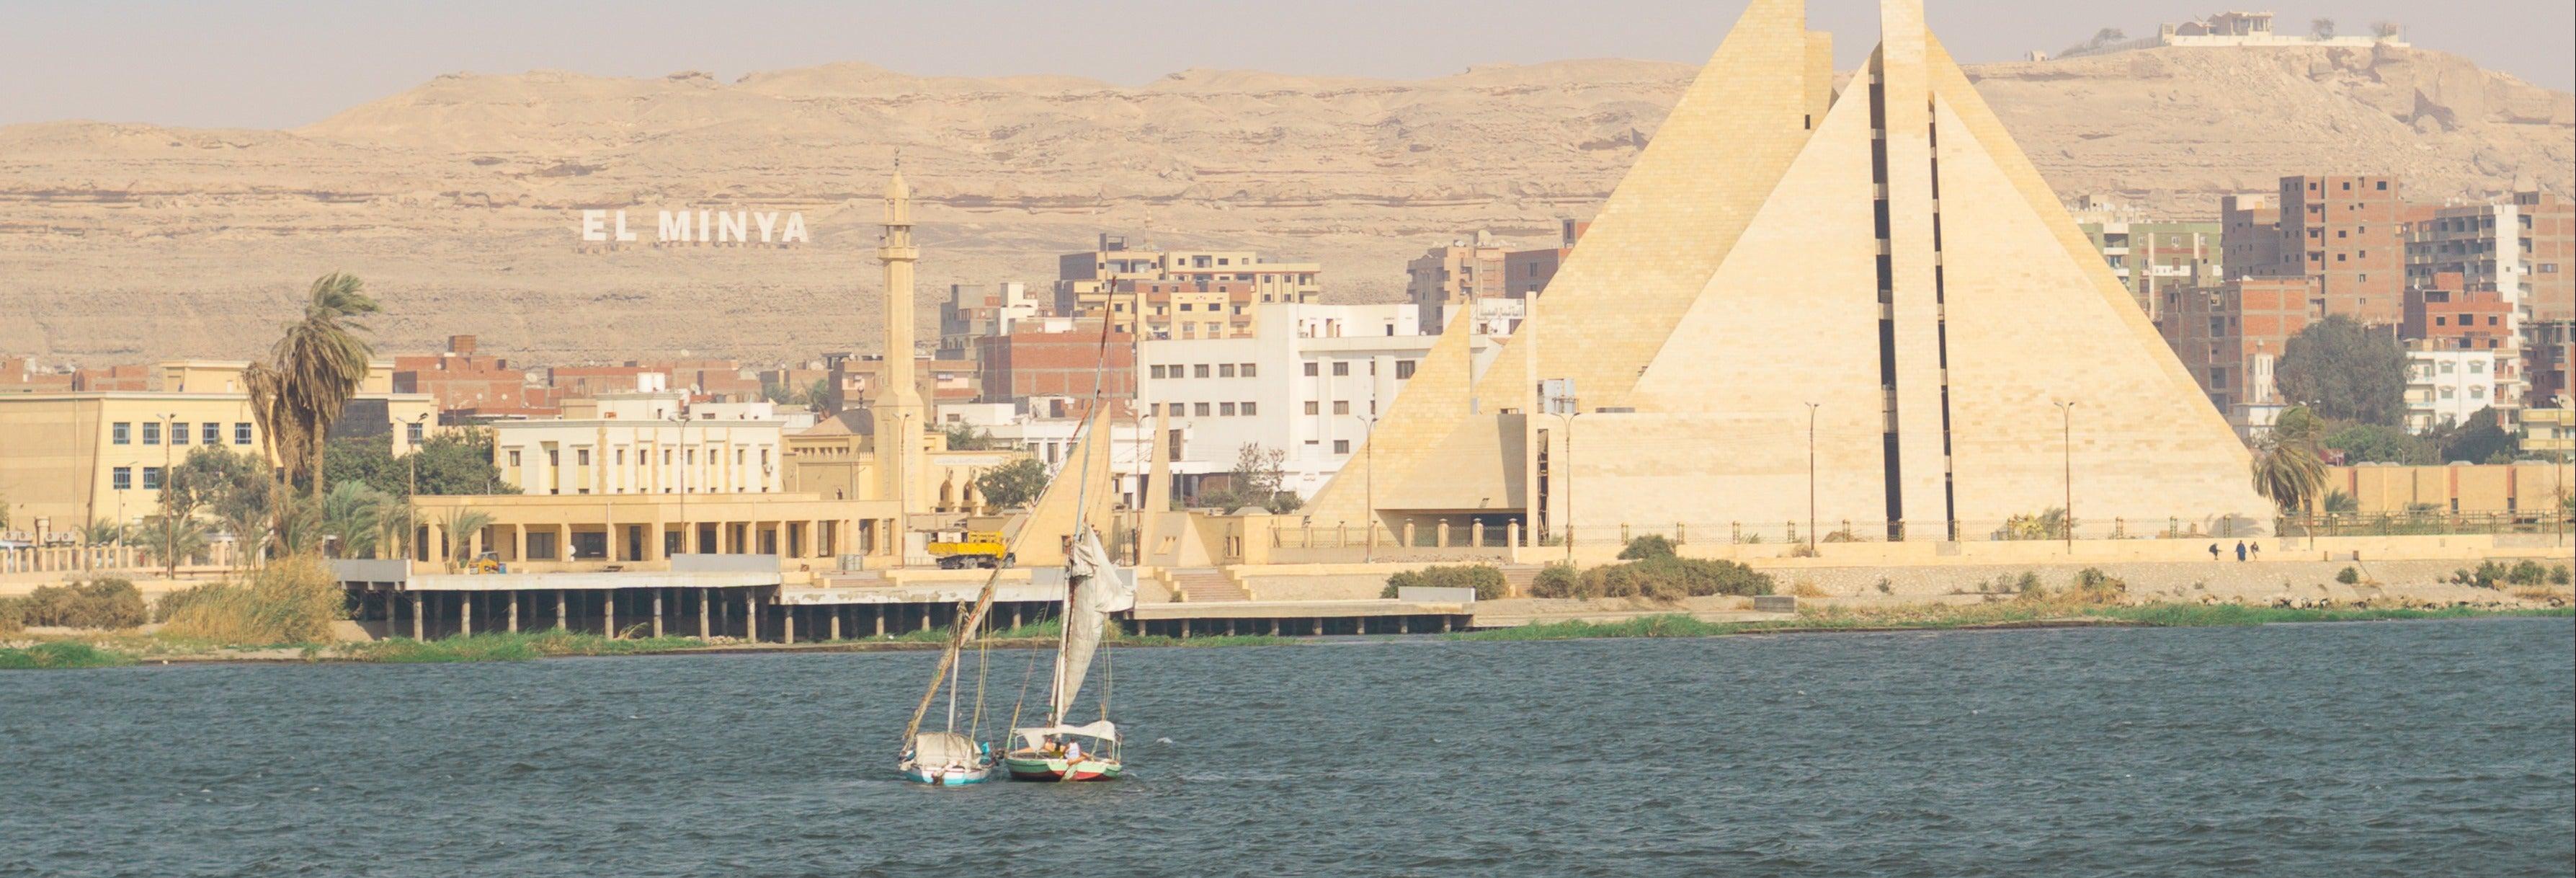 Excursion de 2 jours à Minya